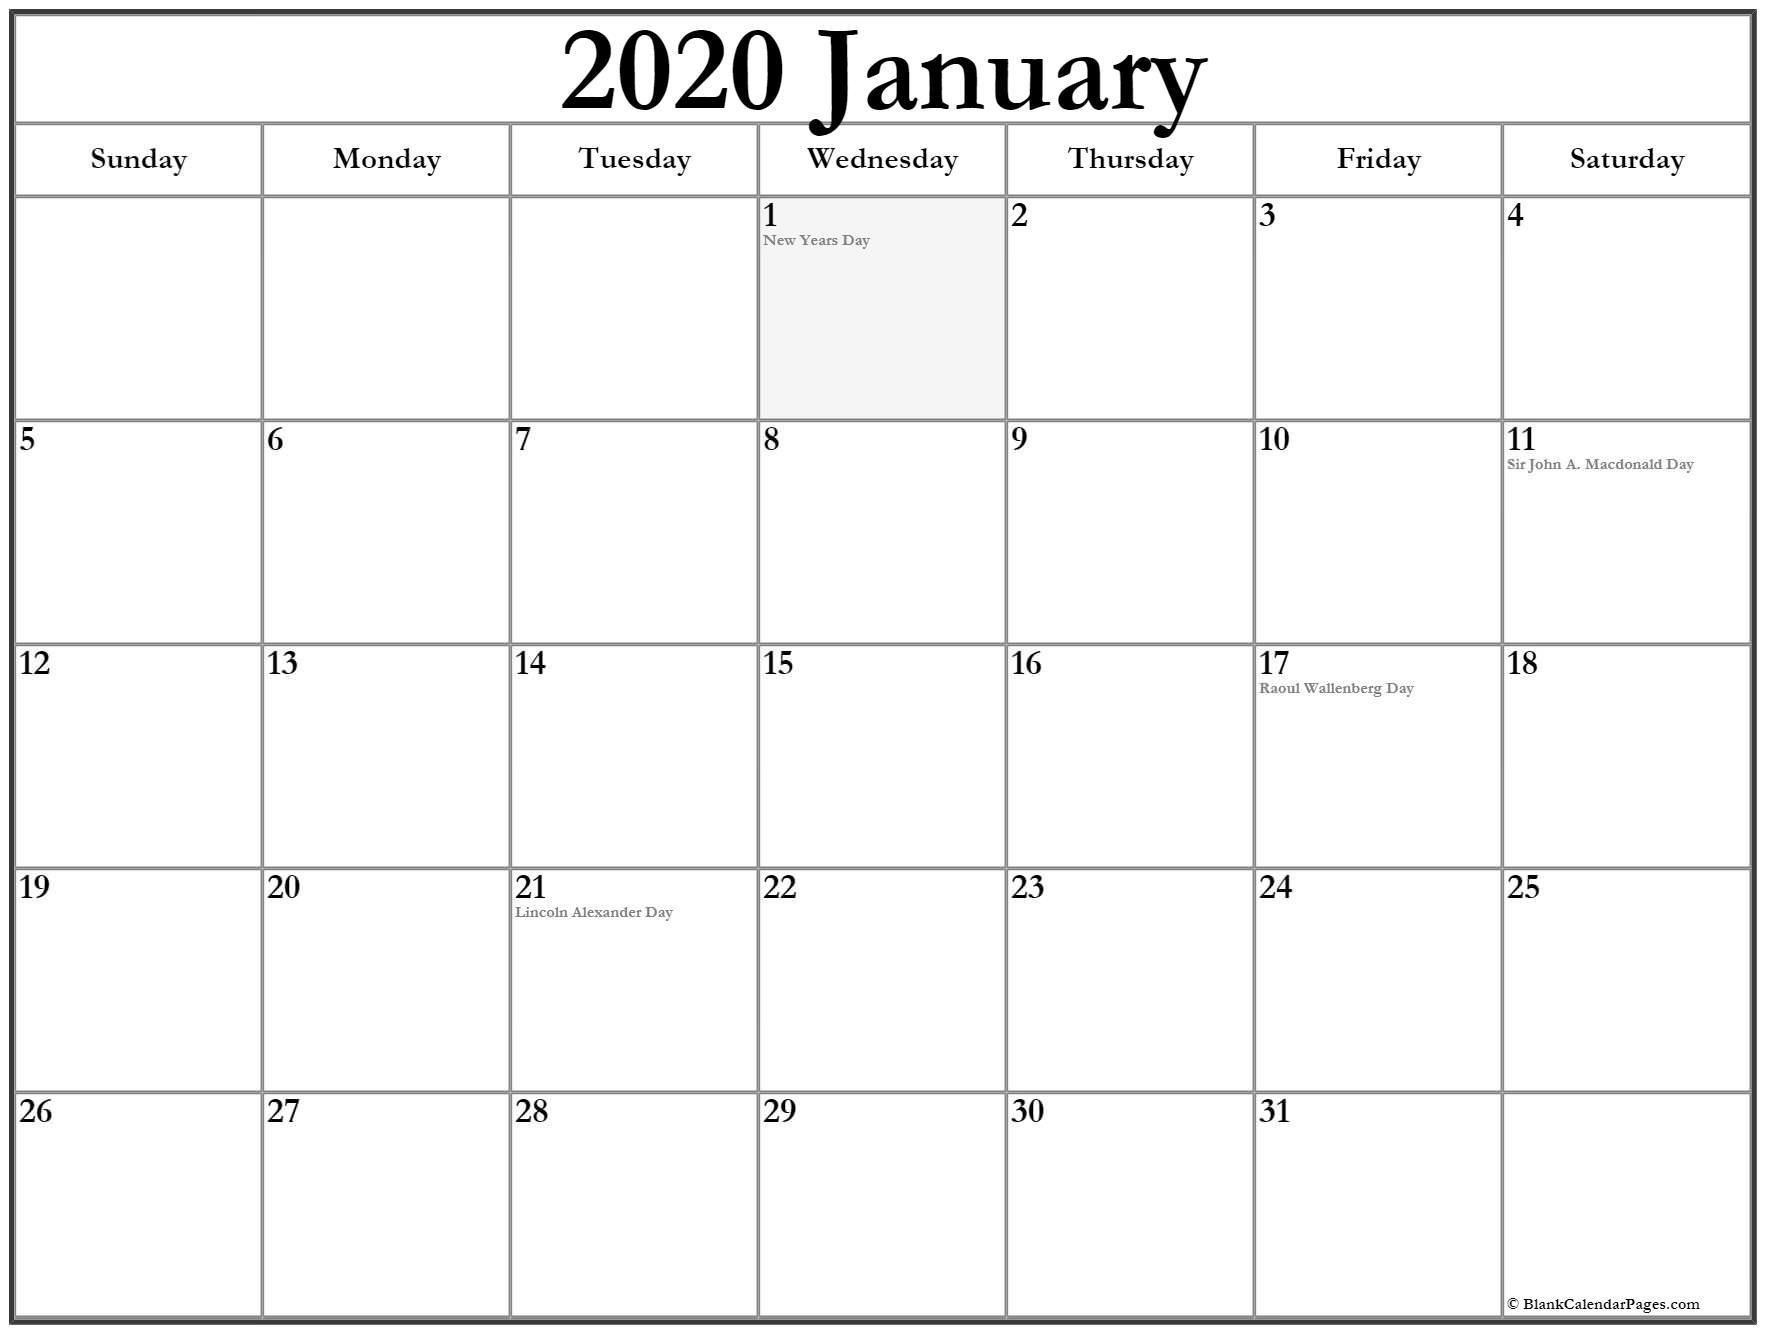 January 2020 Calendar With Holidays | Holiday Calendar